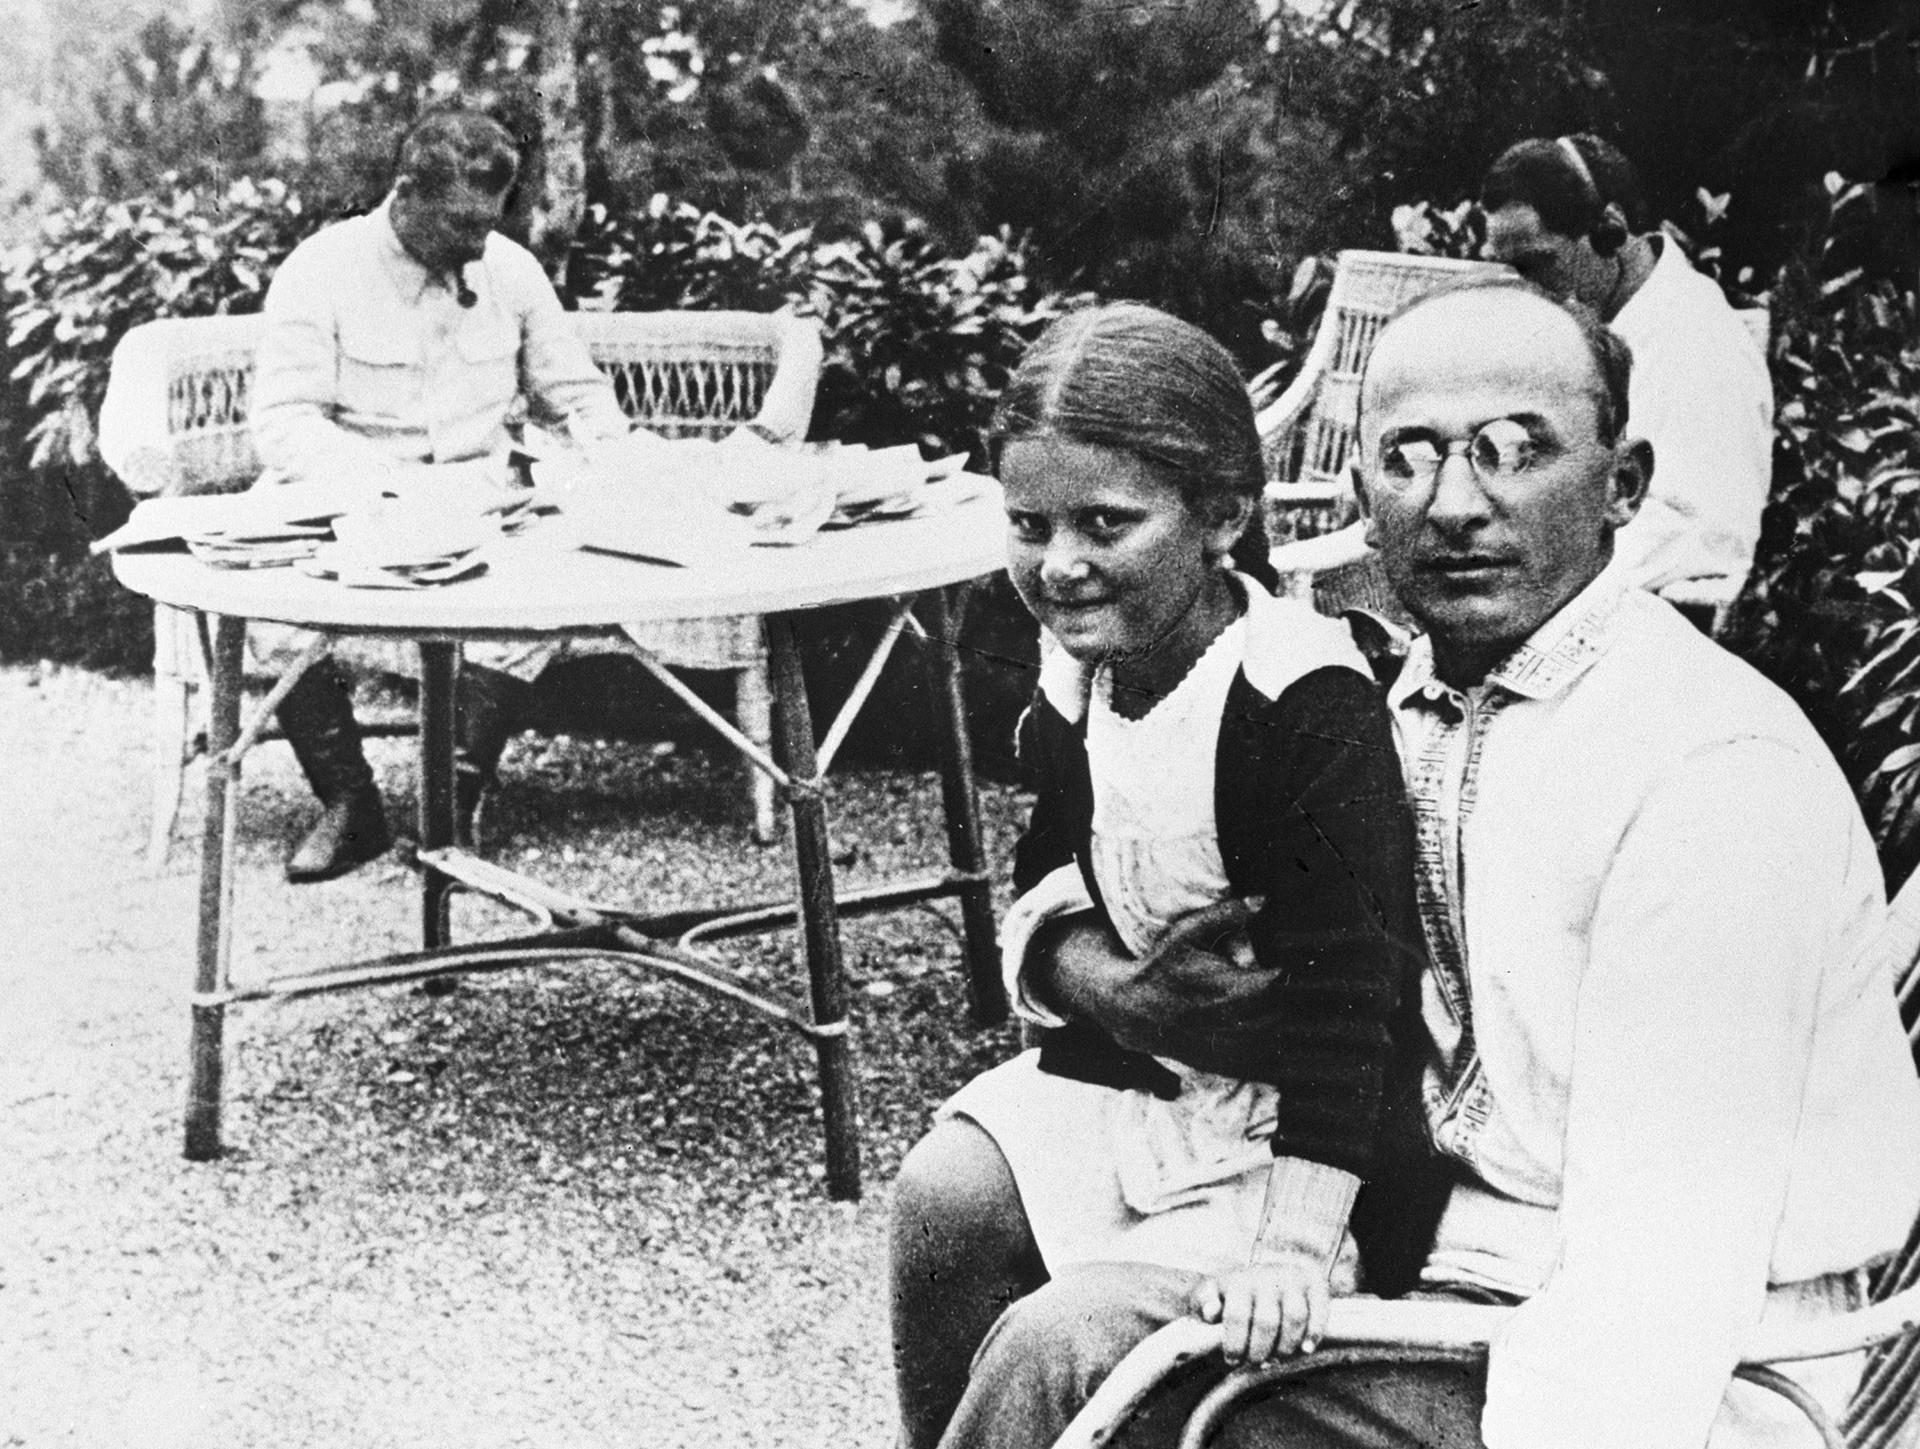 Šef Narodnog komesarijata za unutarnje poslove Lavrentij Berija sa Staljinovom kćerkom Svetlanom.